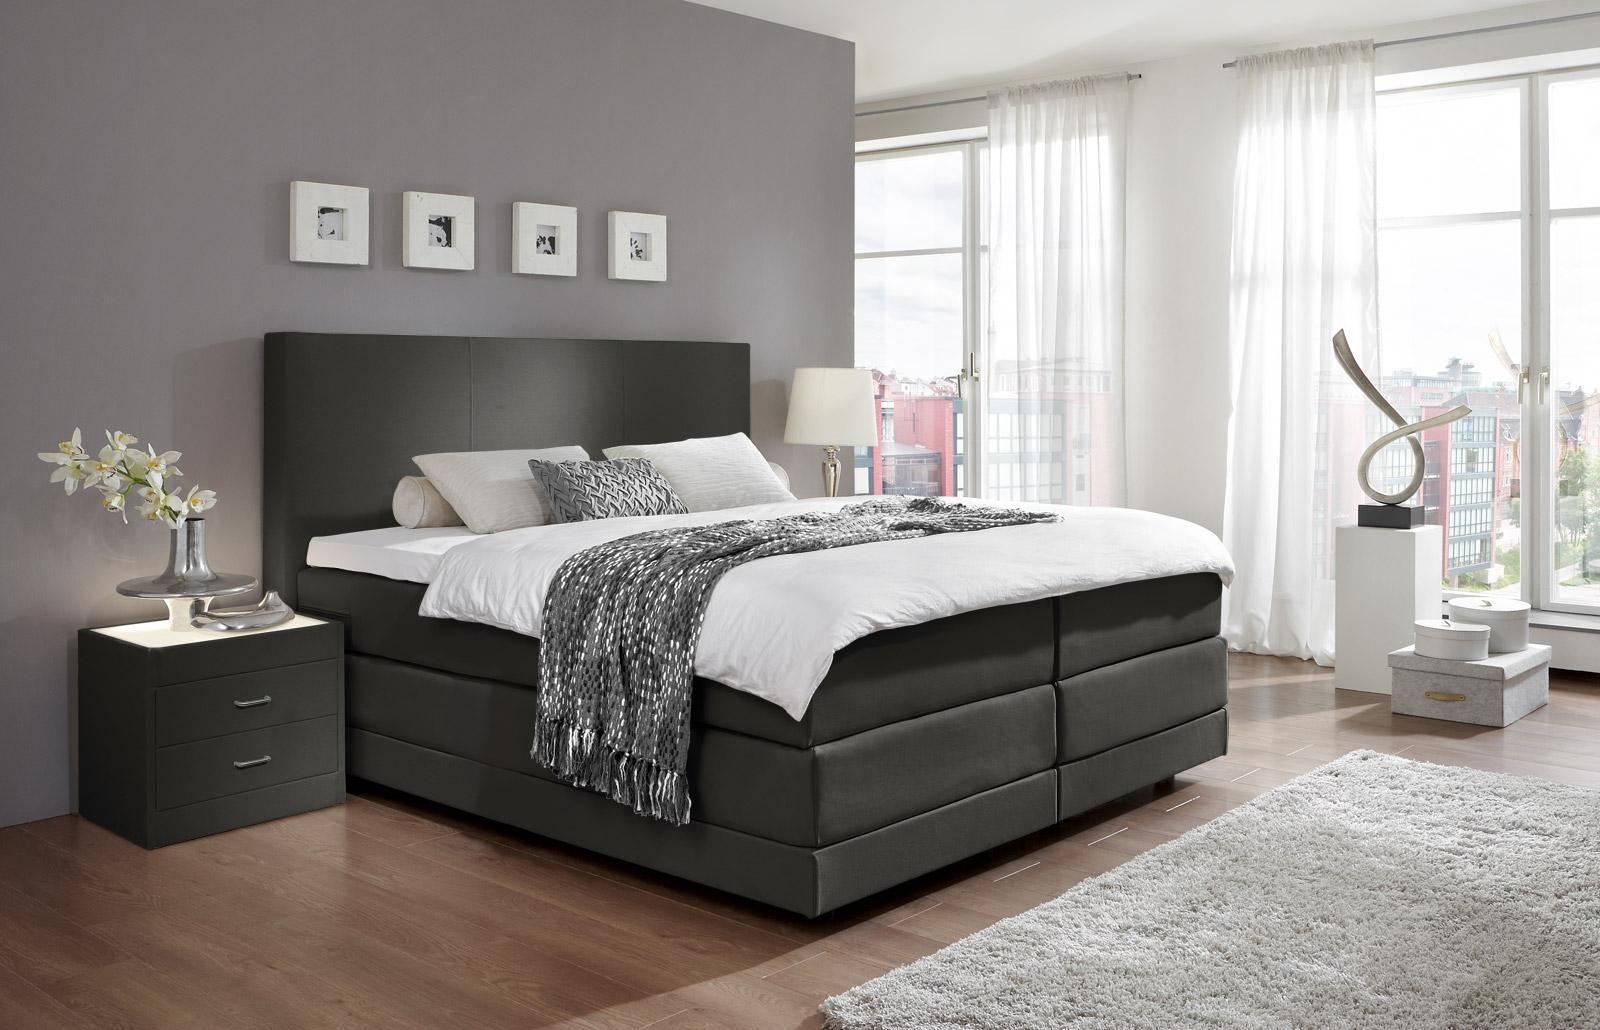 Baur Möbel Schlafzimmer Komplett  Guido Maria Kretschmer